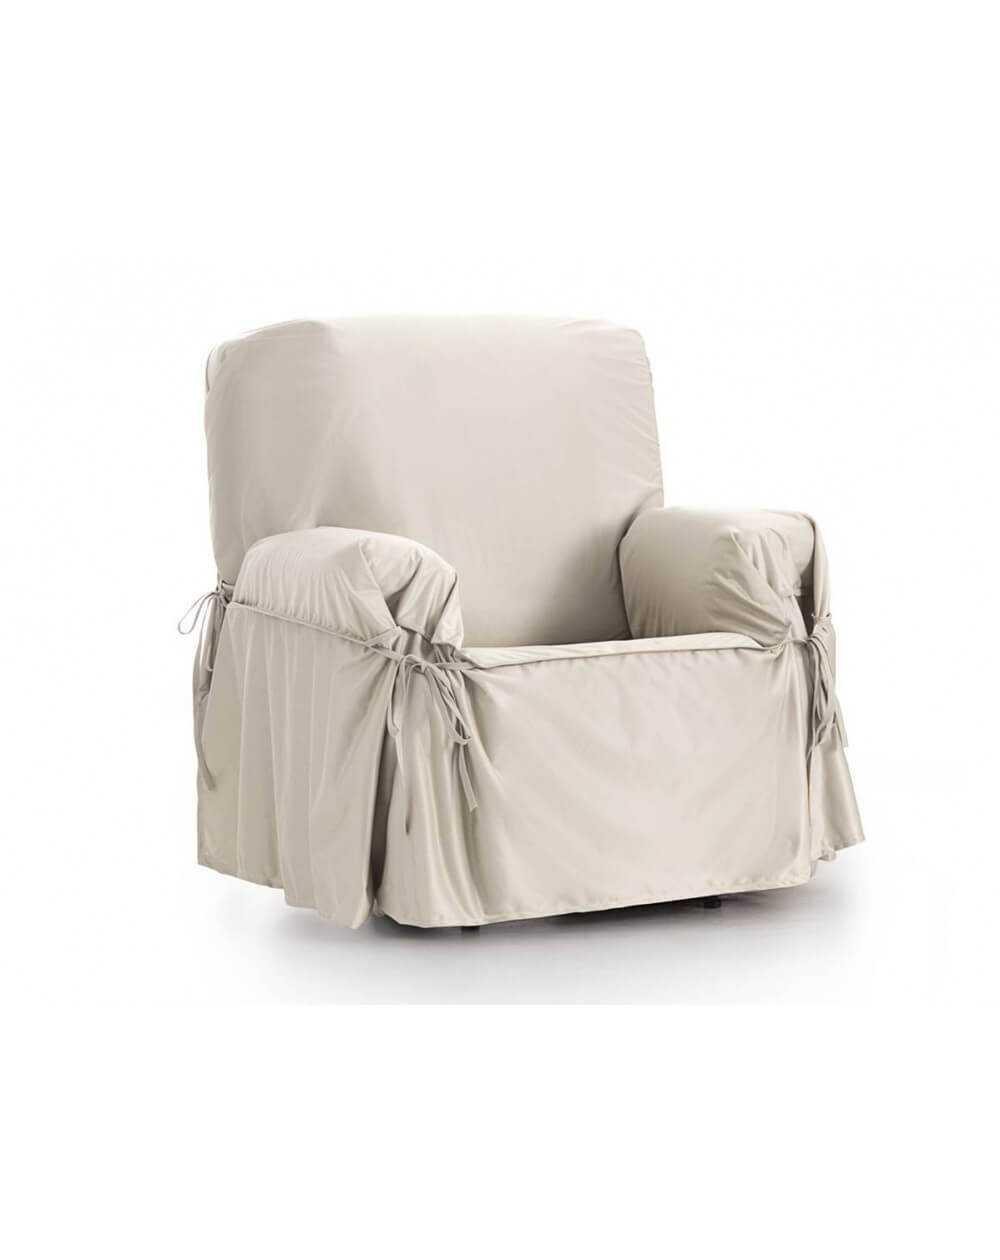 Funda sillón Universal SOMME Protect de Eysa